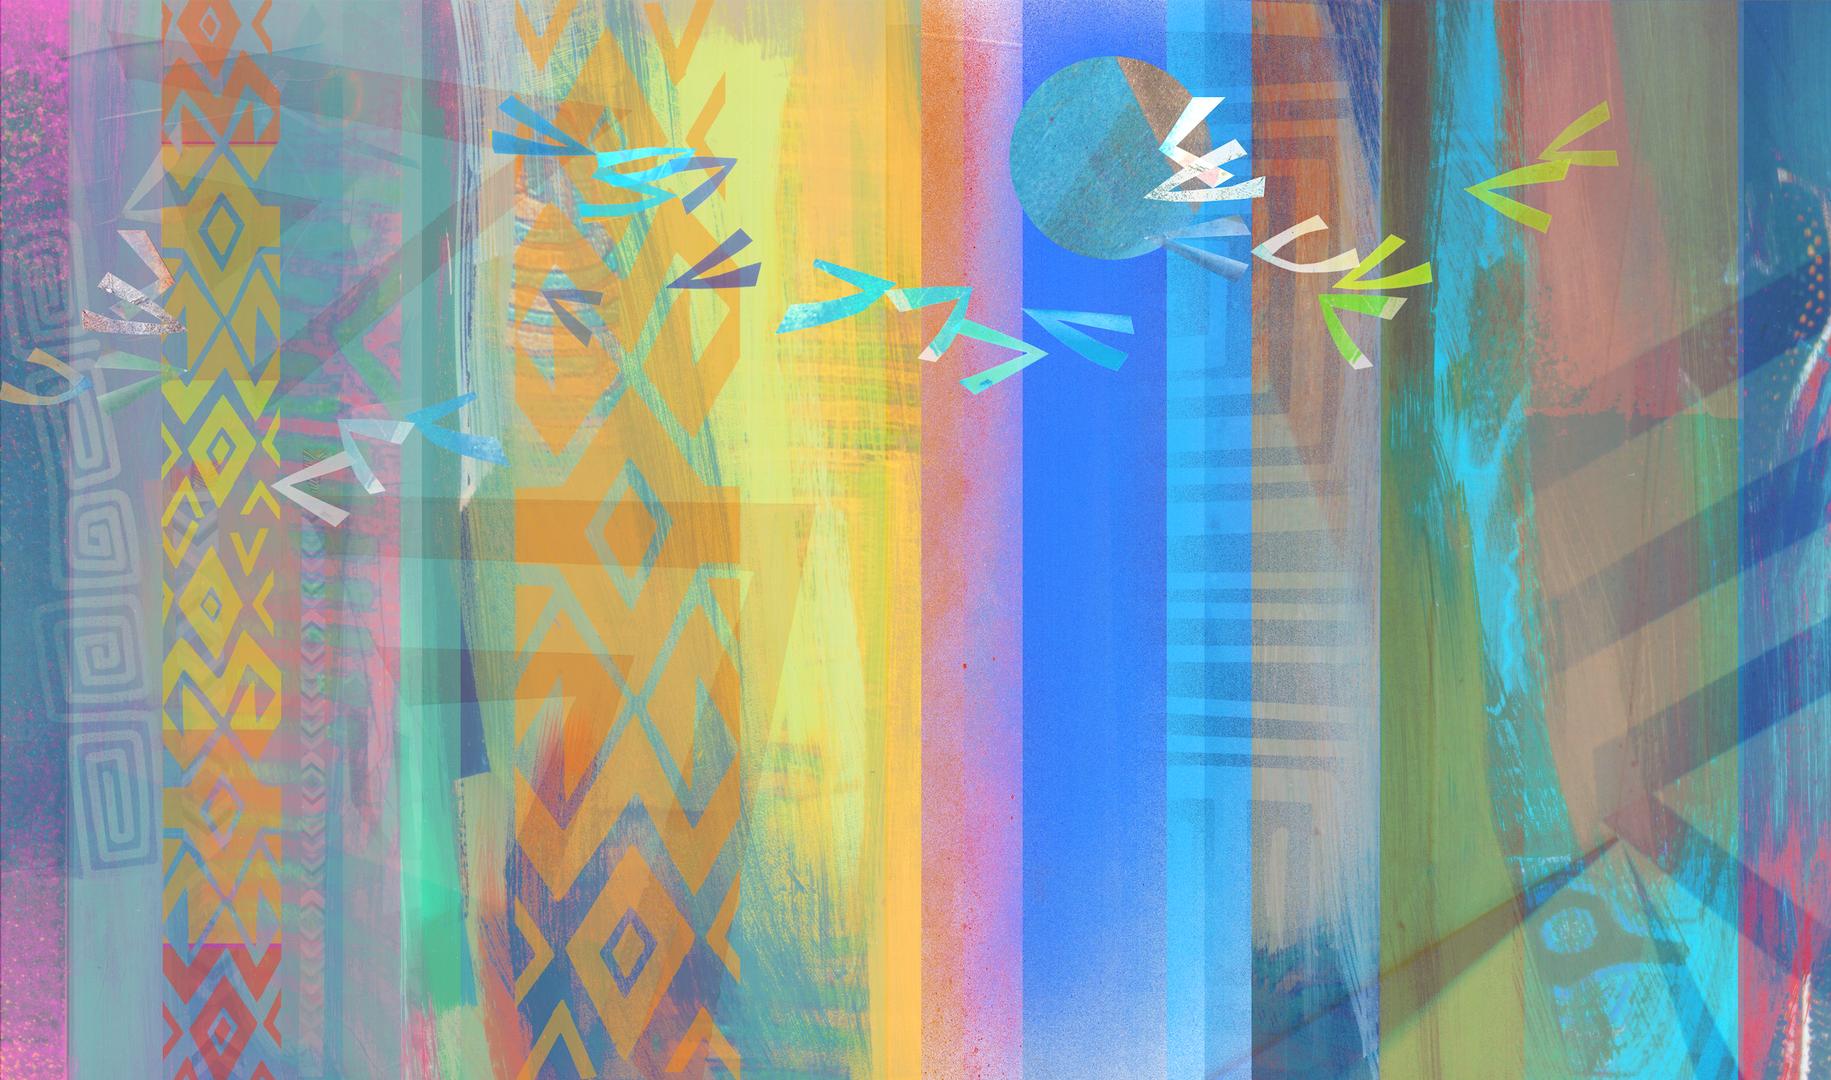 MOONBIRDS